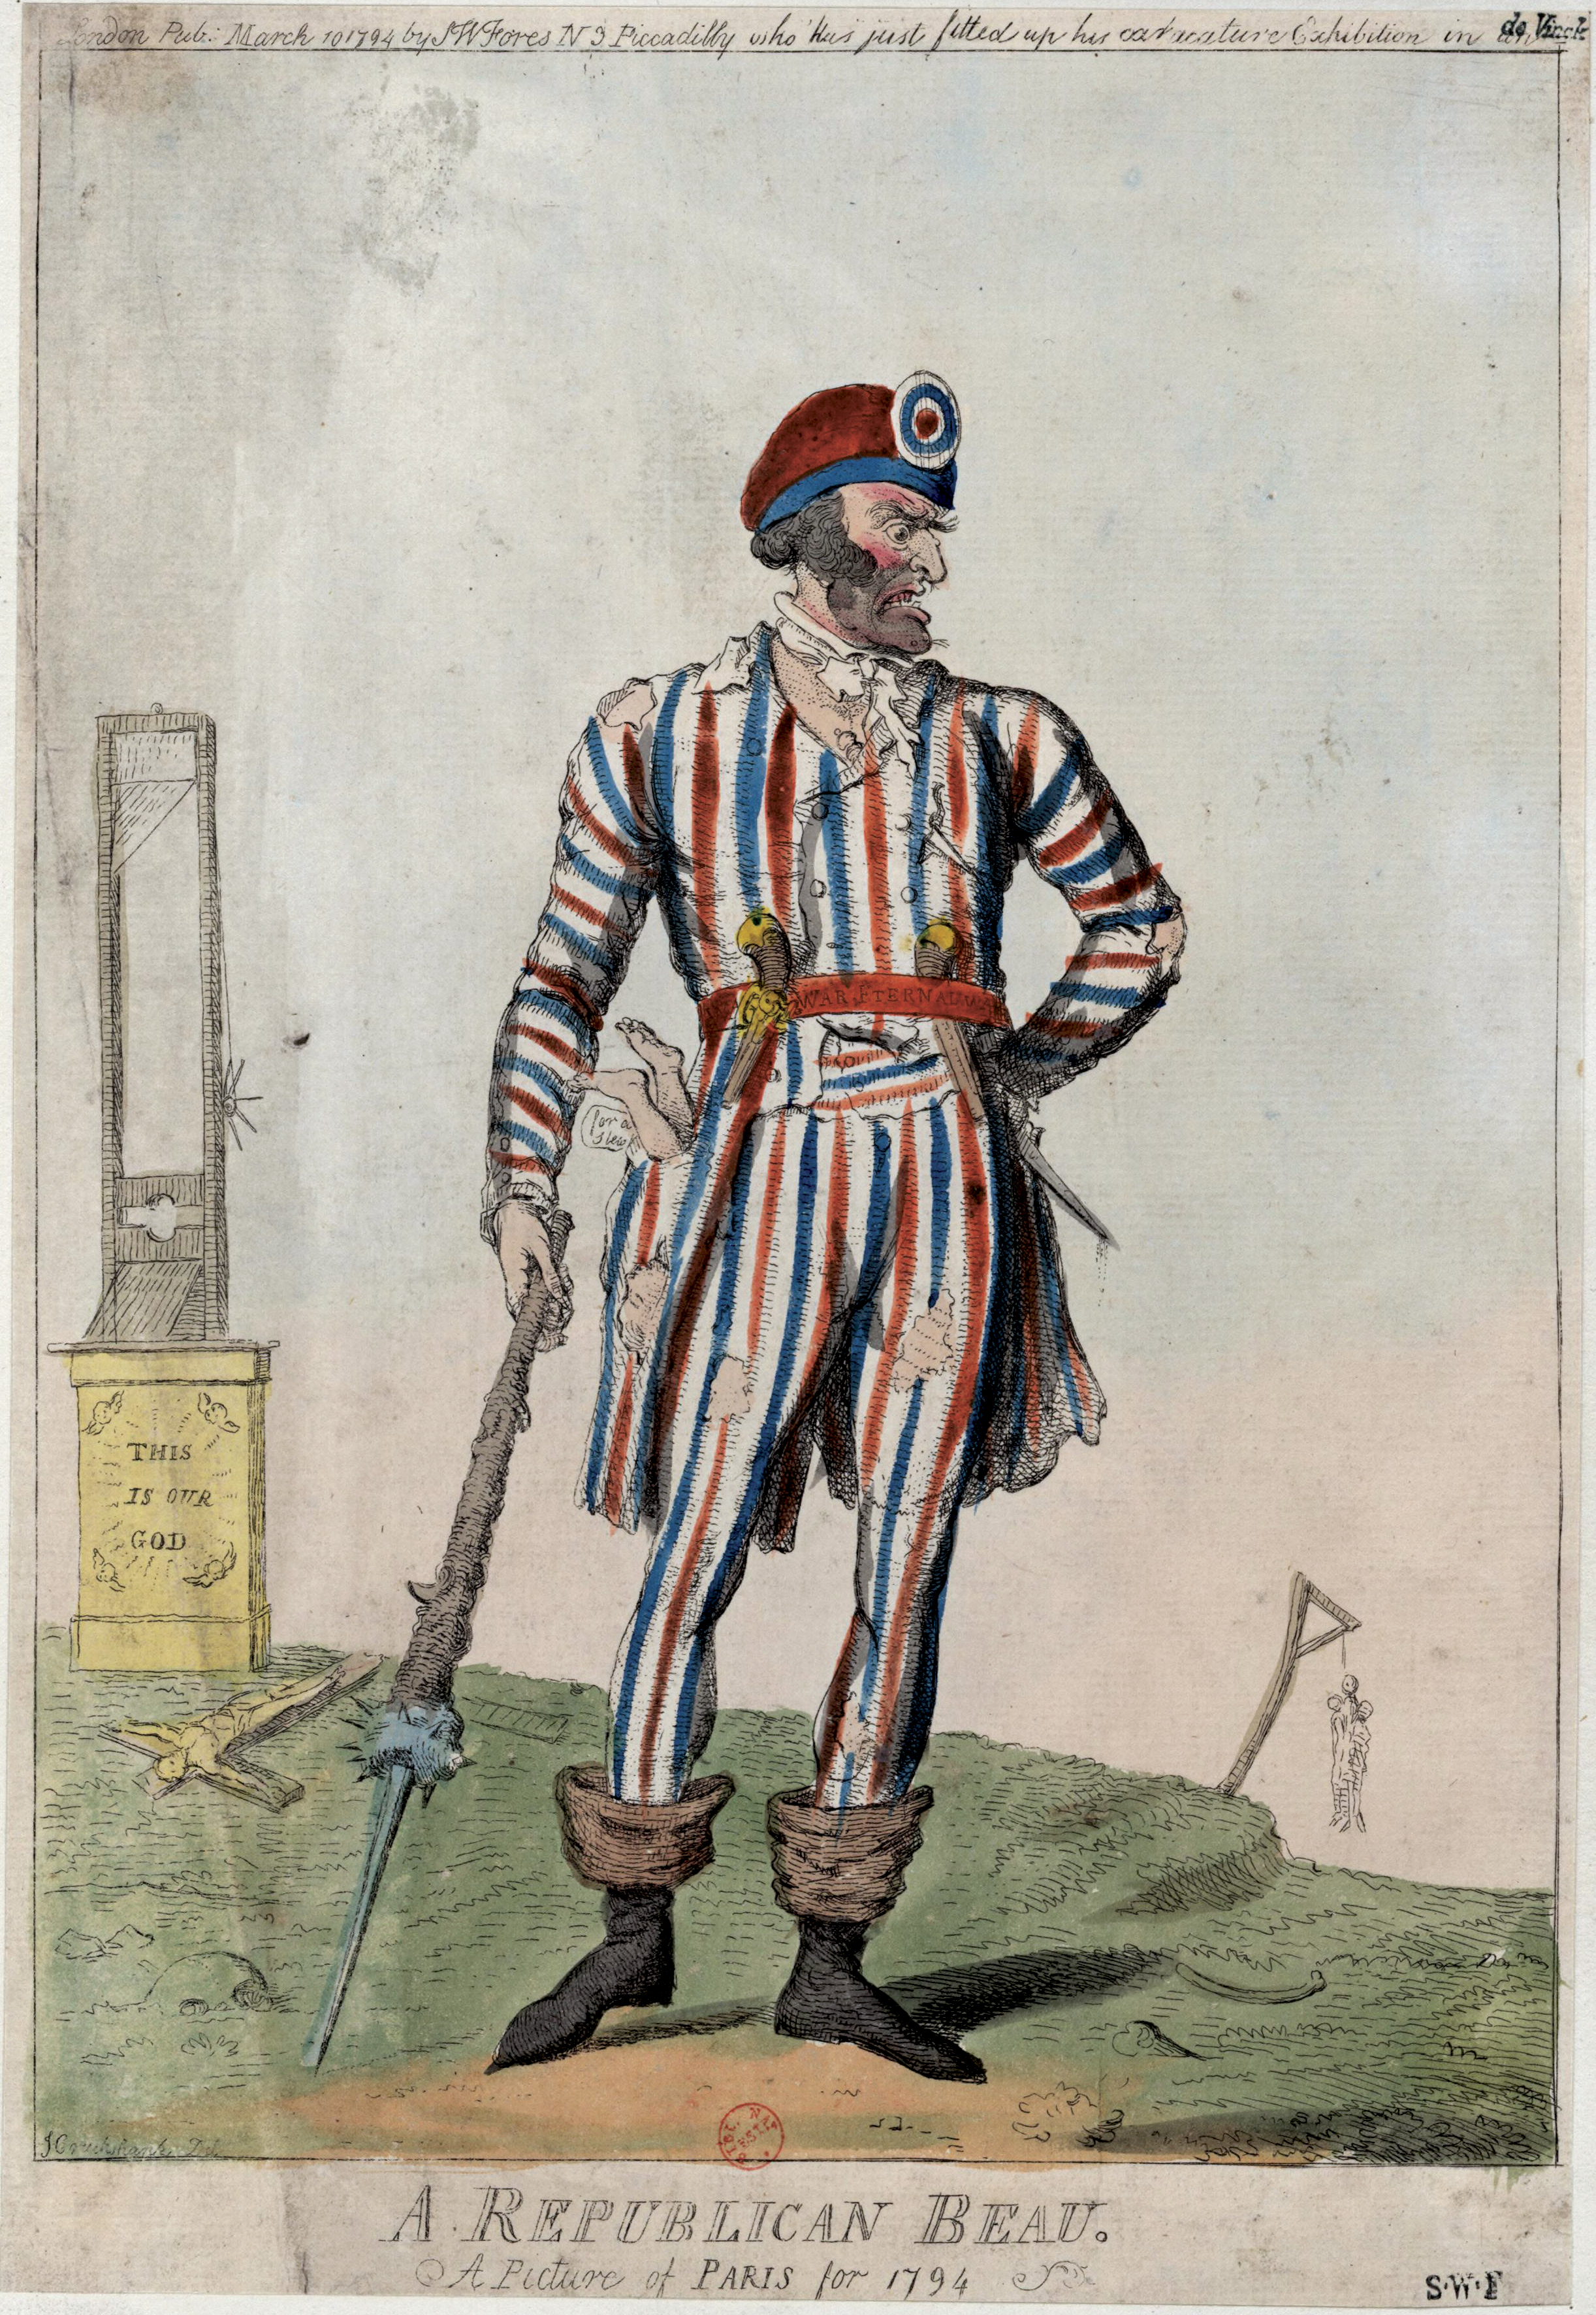 Filea Republican Beau A Picture Of Paris For 1794jpg